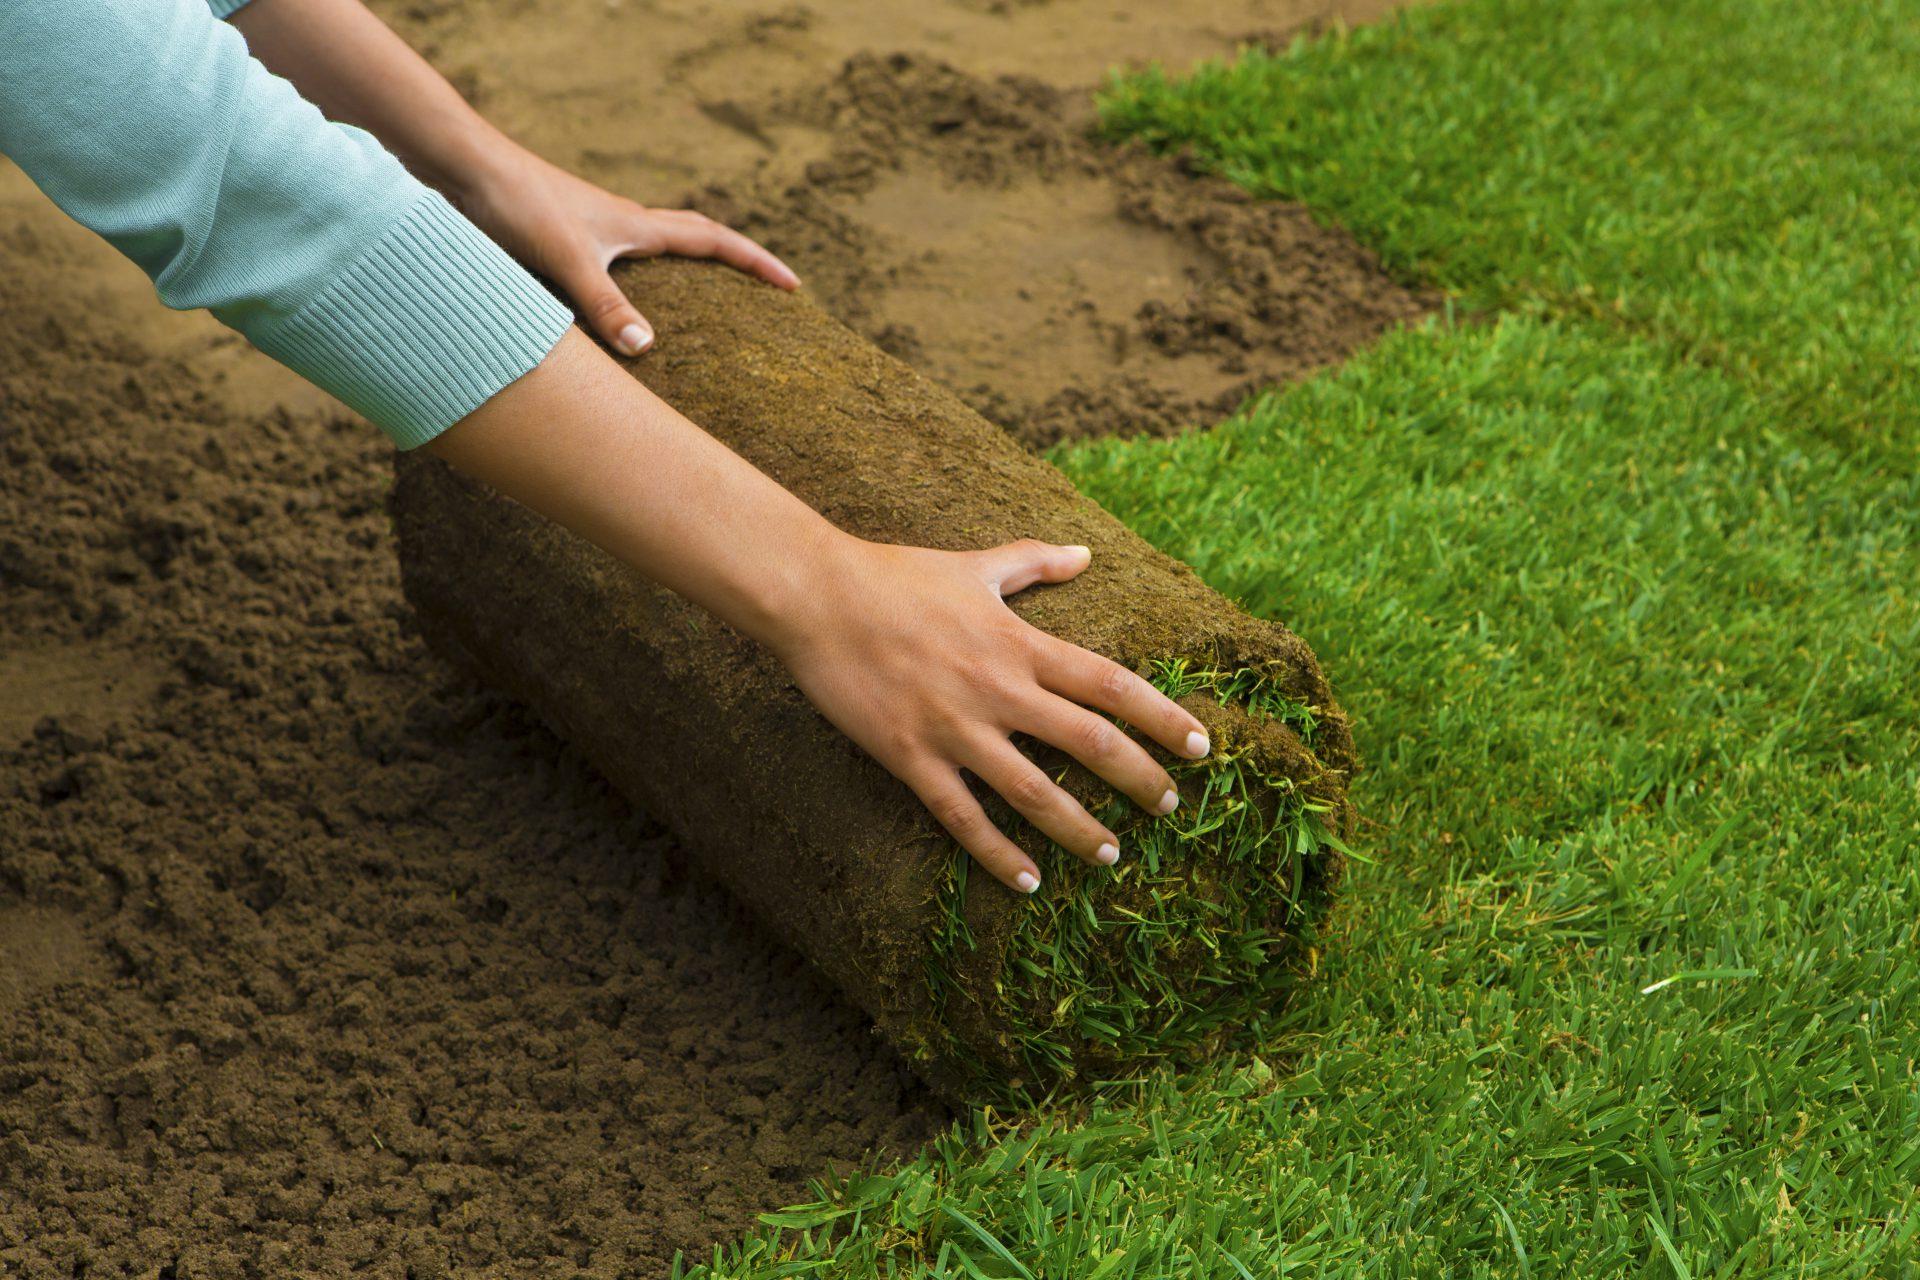 Händer rullar ut rullgräs